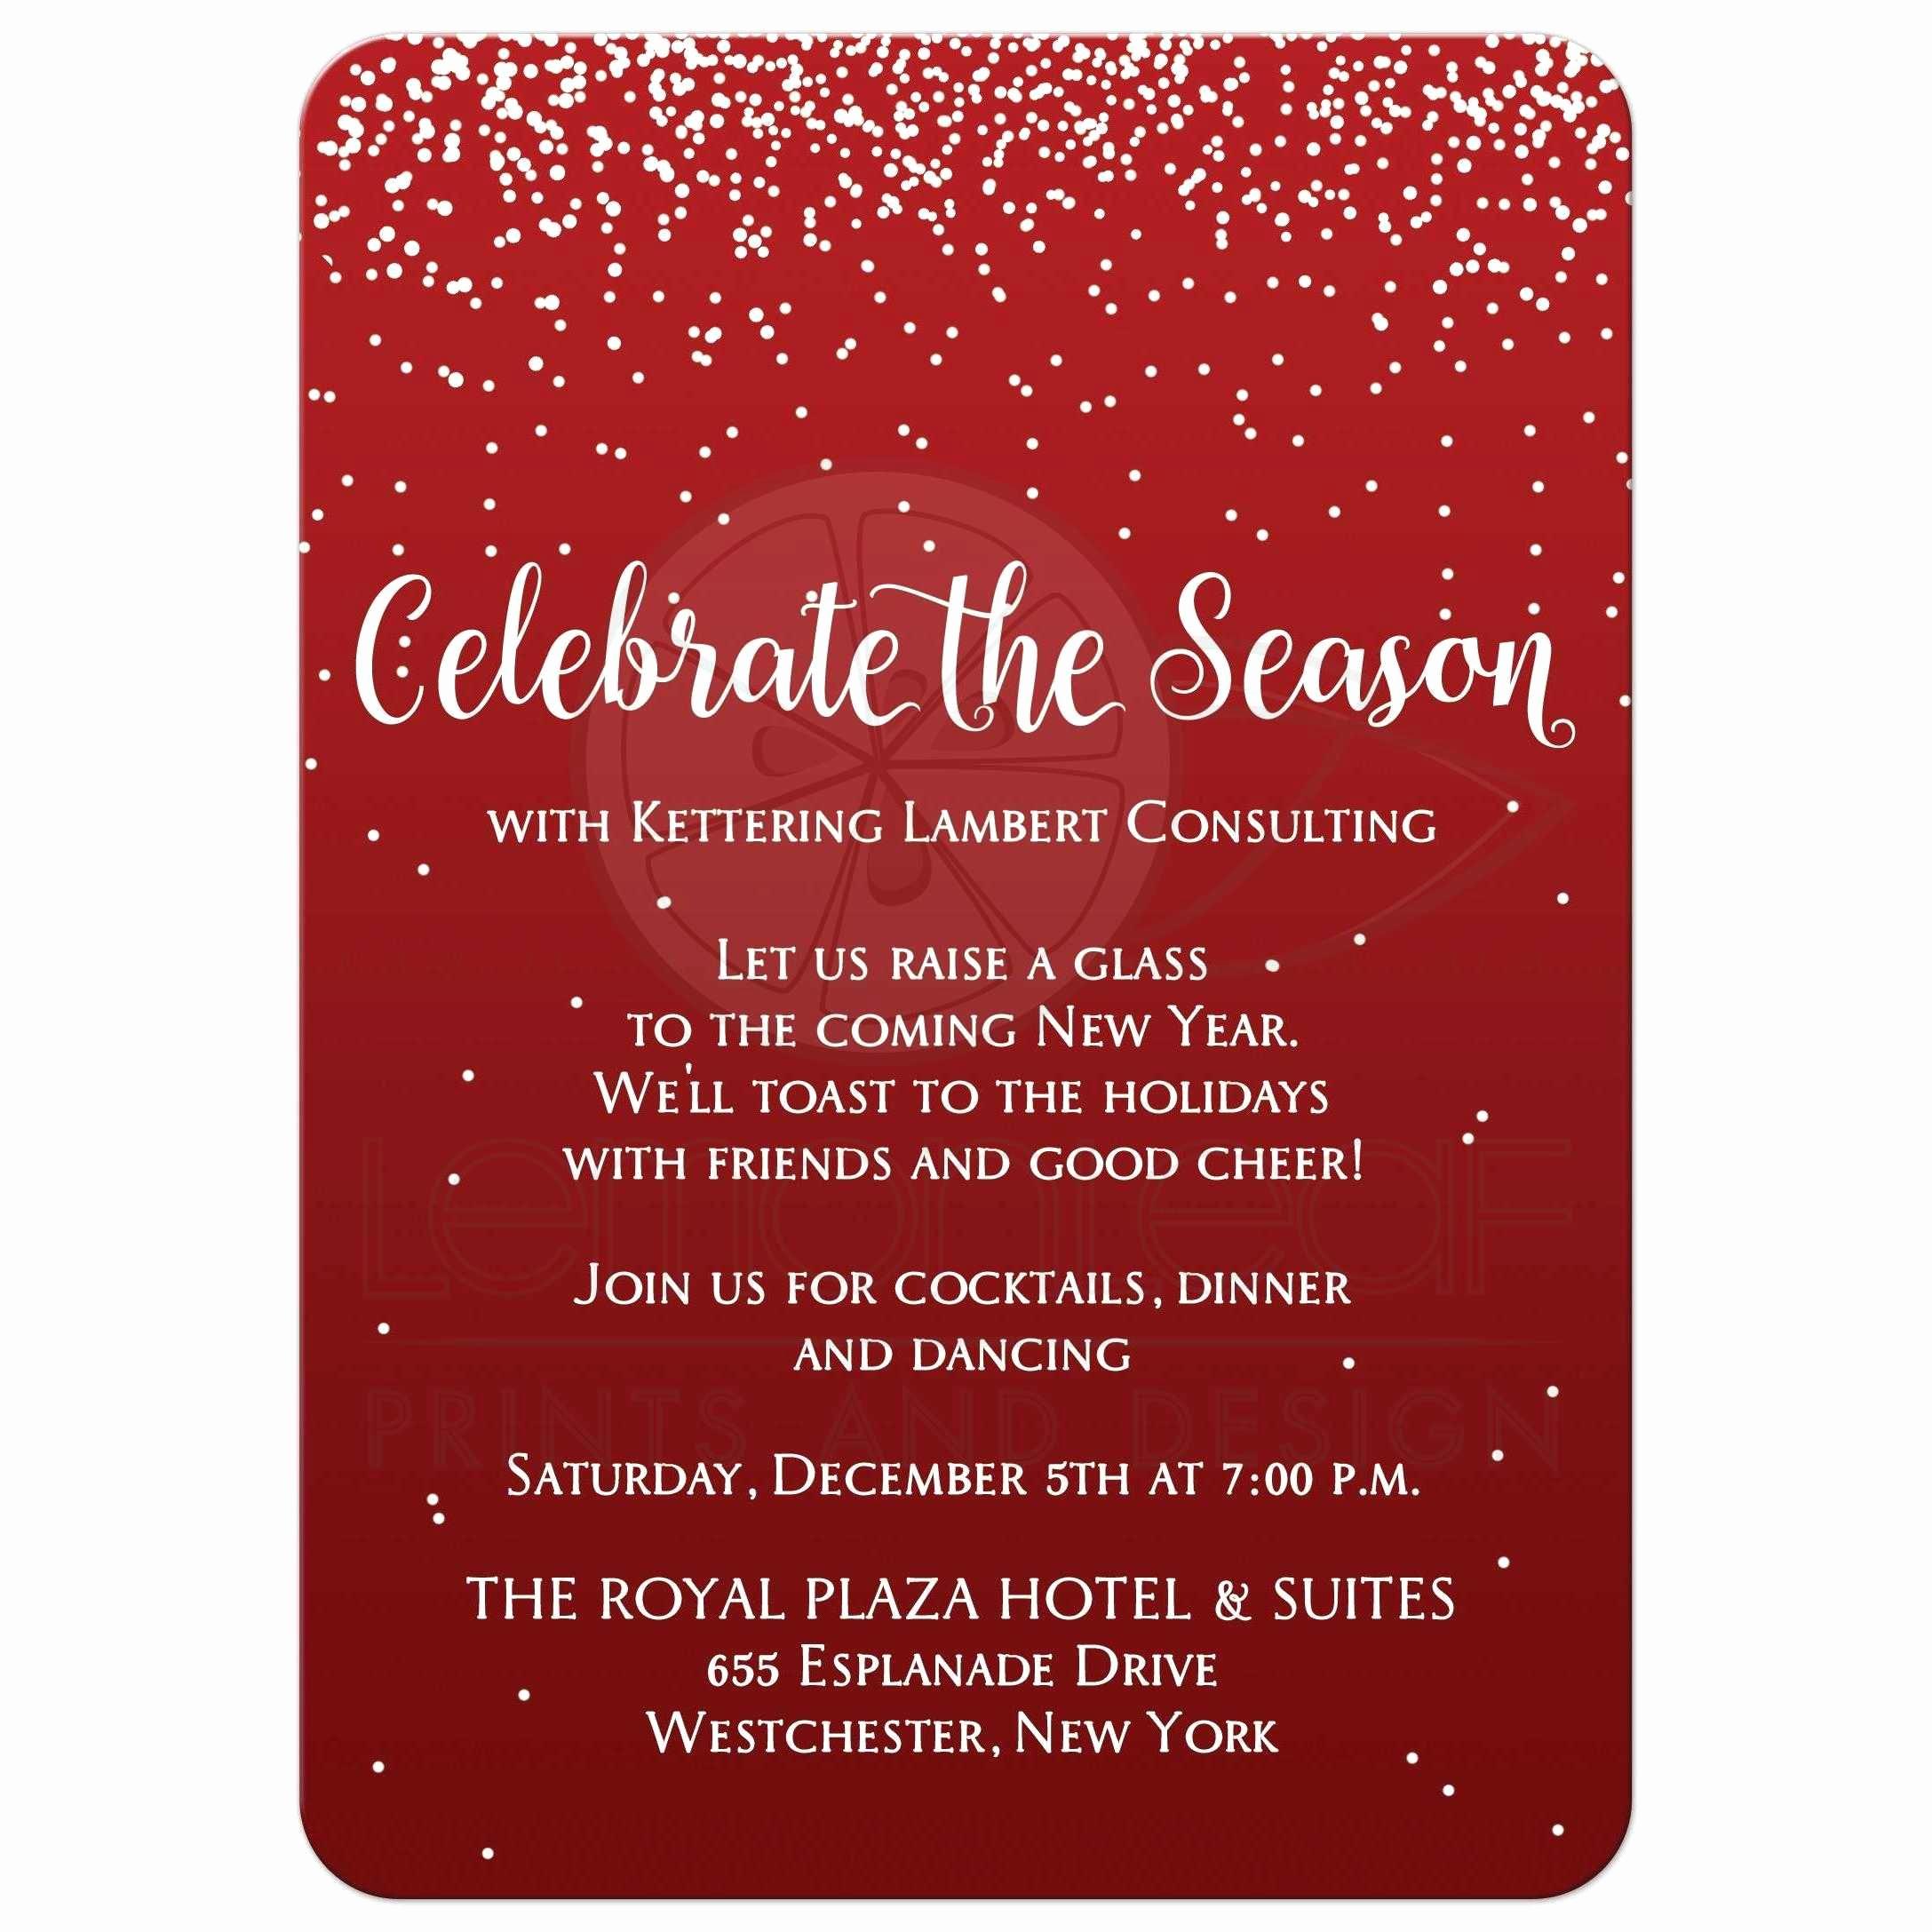 Company Holiday Party Invitation Elegant Holiday Party Invitation 2 Celebrate the Season